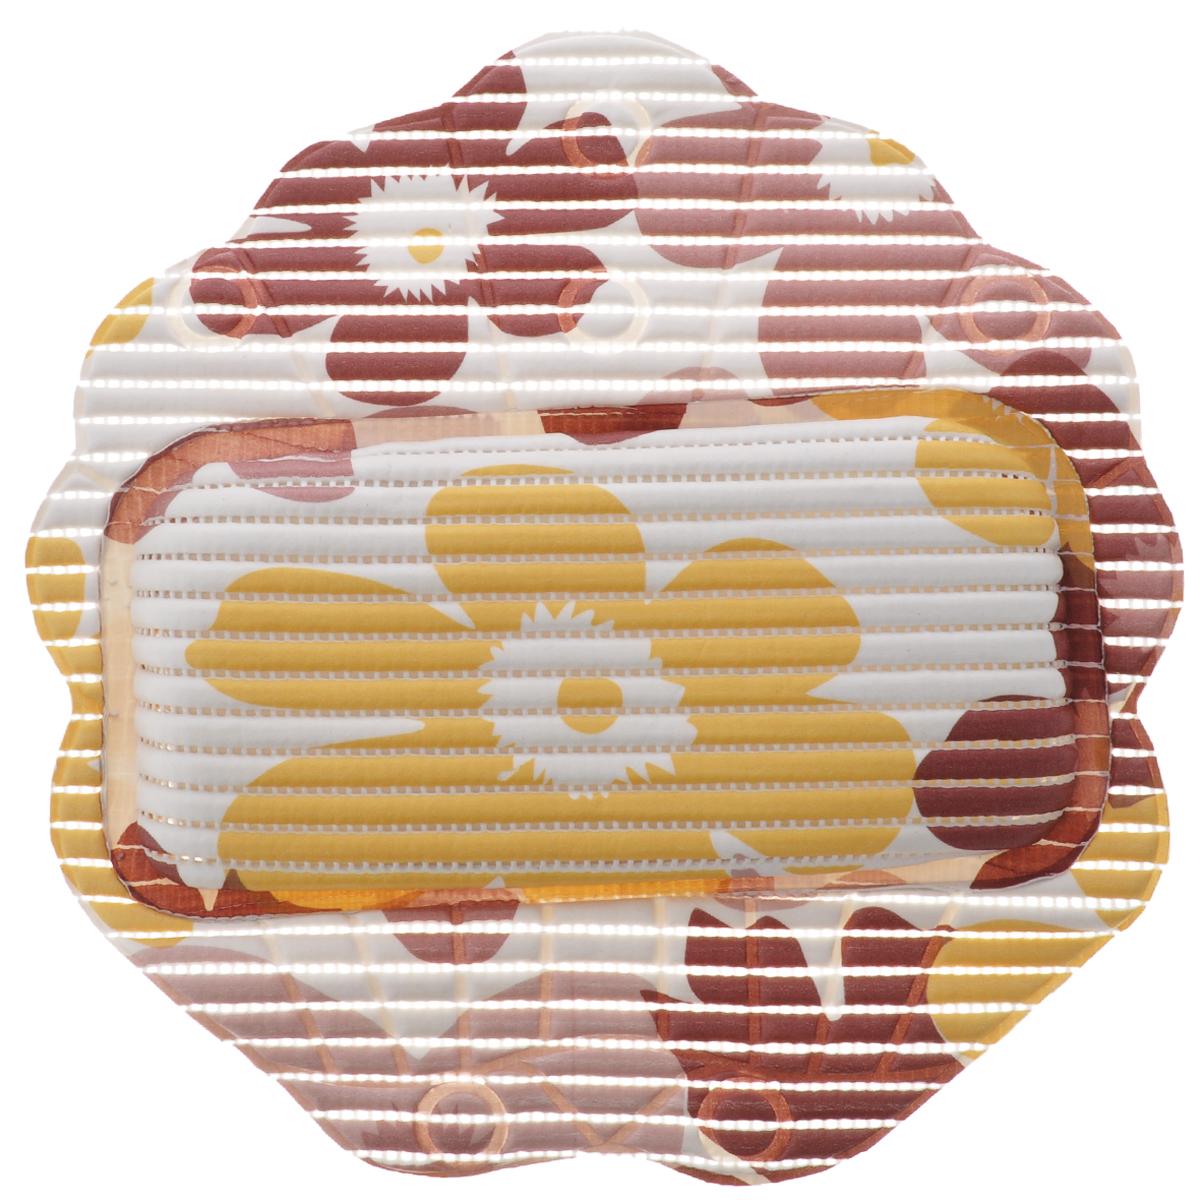 Подушка для ванны Fresh Code Flexy, на присосках, цвет: белый, желтый, светло-вишневый, 33 х 33 см55764_желтый, светло-вишневыйПодушка для ванны Fresh Code Flexy обеспечивает комфорт во время принятия ванны. Крепится на поверхность ванной с помощью присосок. Выполнена из ПВХ.